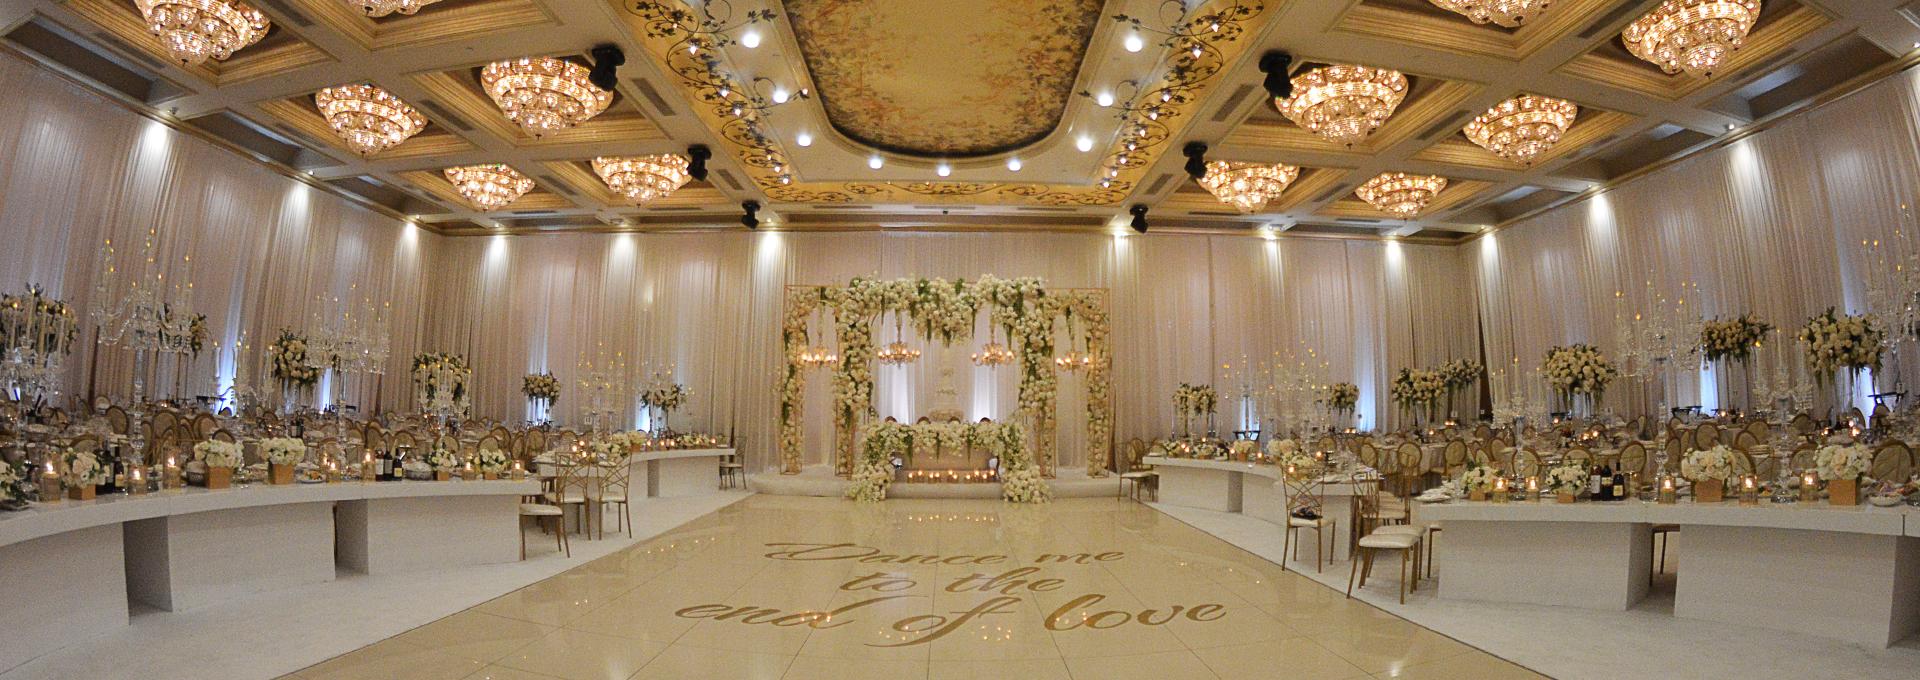 renaissance-banquet-hall-grand-ballroom-01